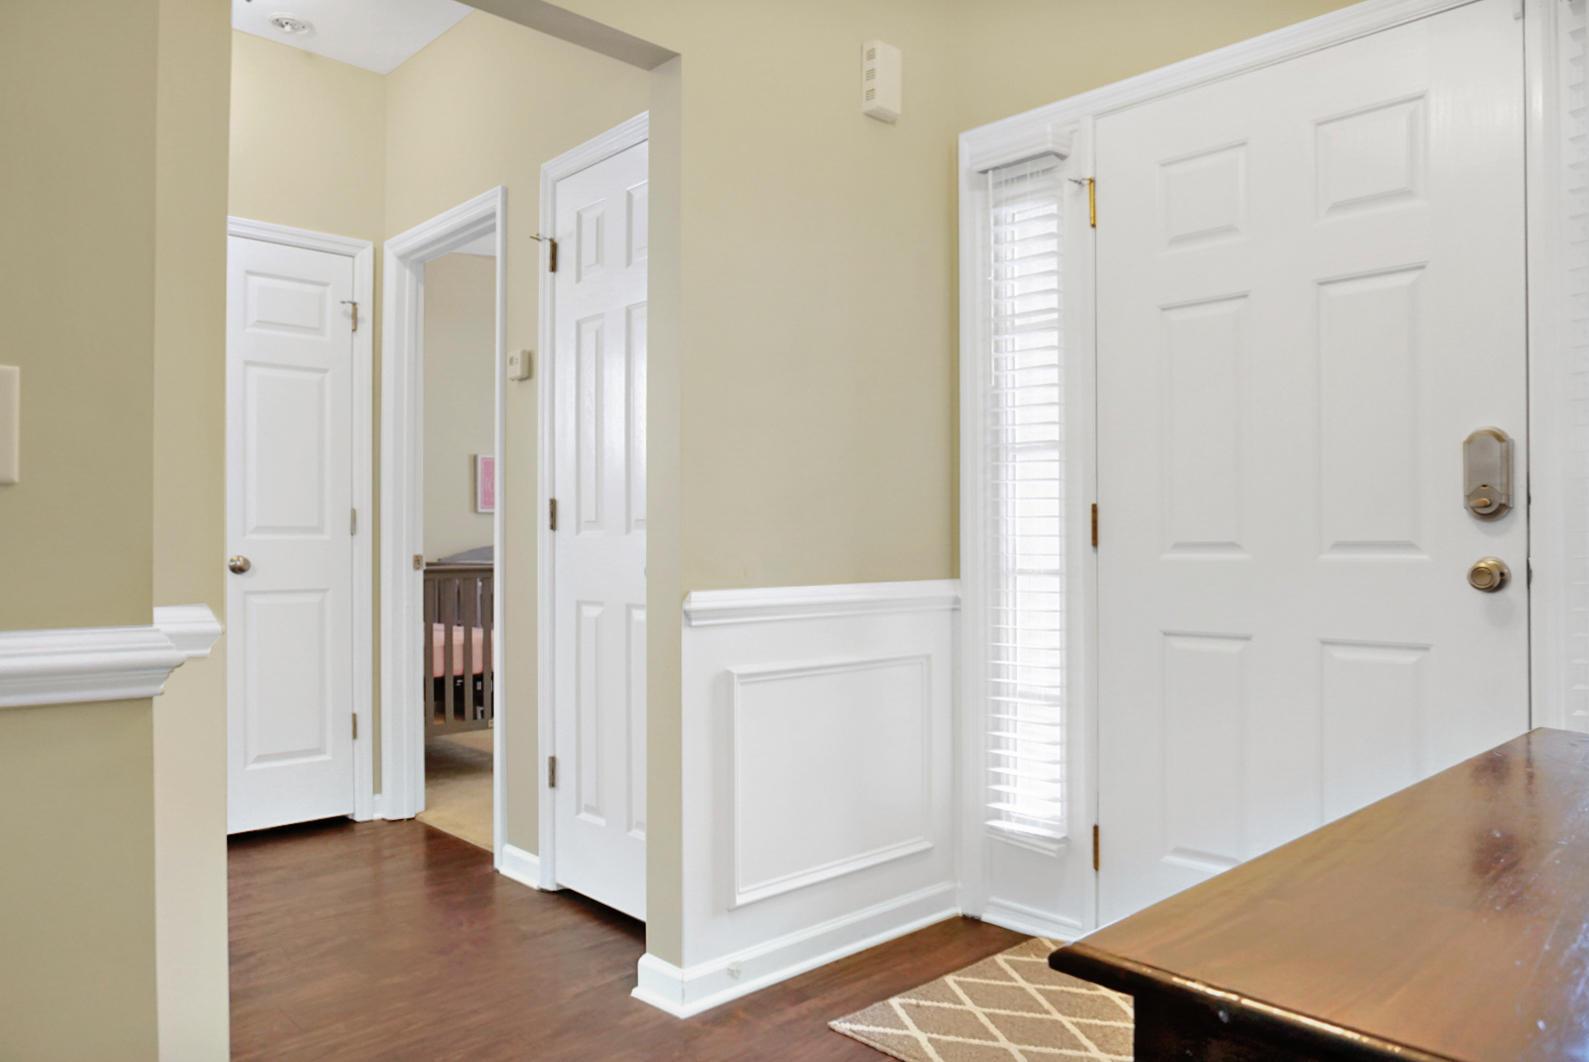 Park West Homes For Sale - 1504 Huxley, Mount Pleasant, SC - 6